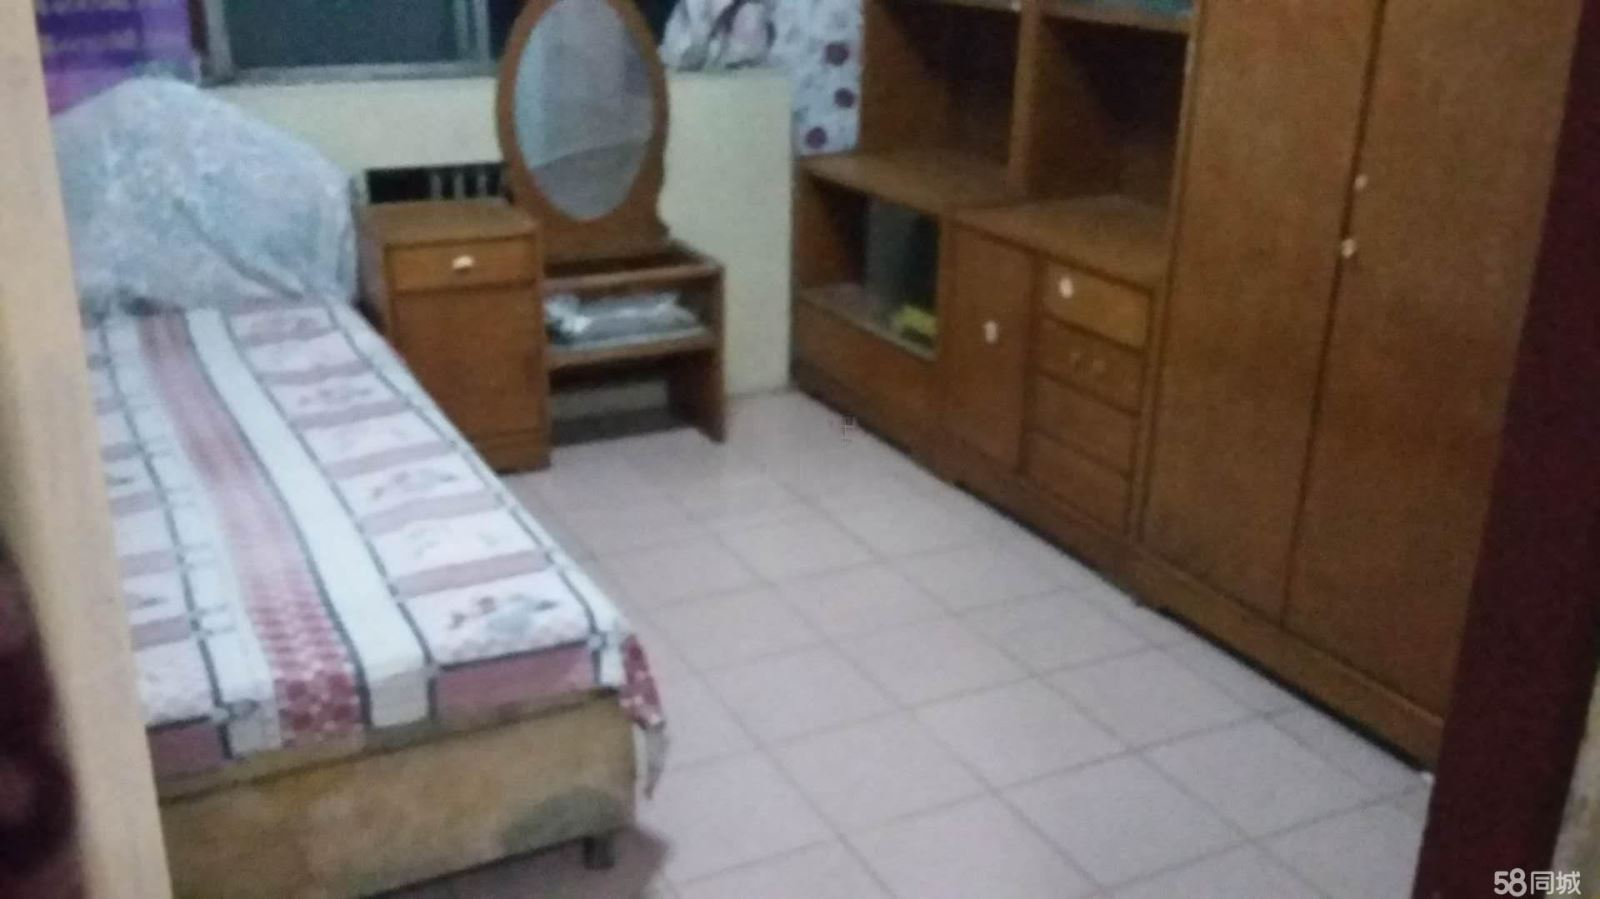 科苑小区 2室1厅 简装 家具家电齐全 拎包入住科苑小区